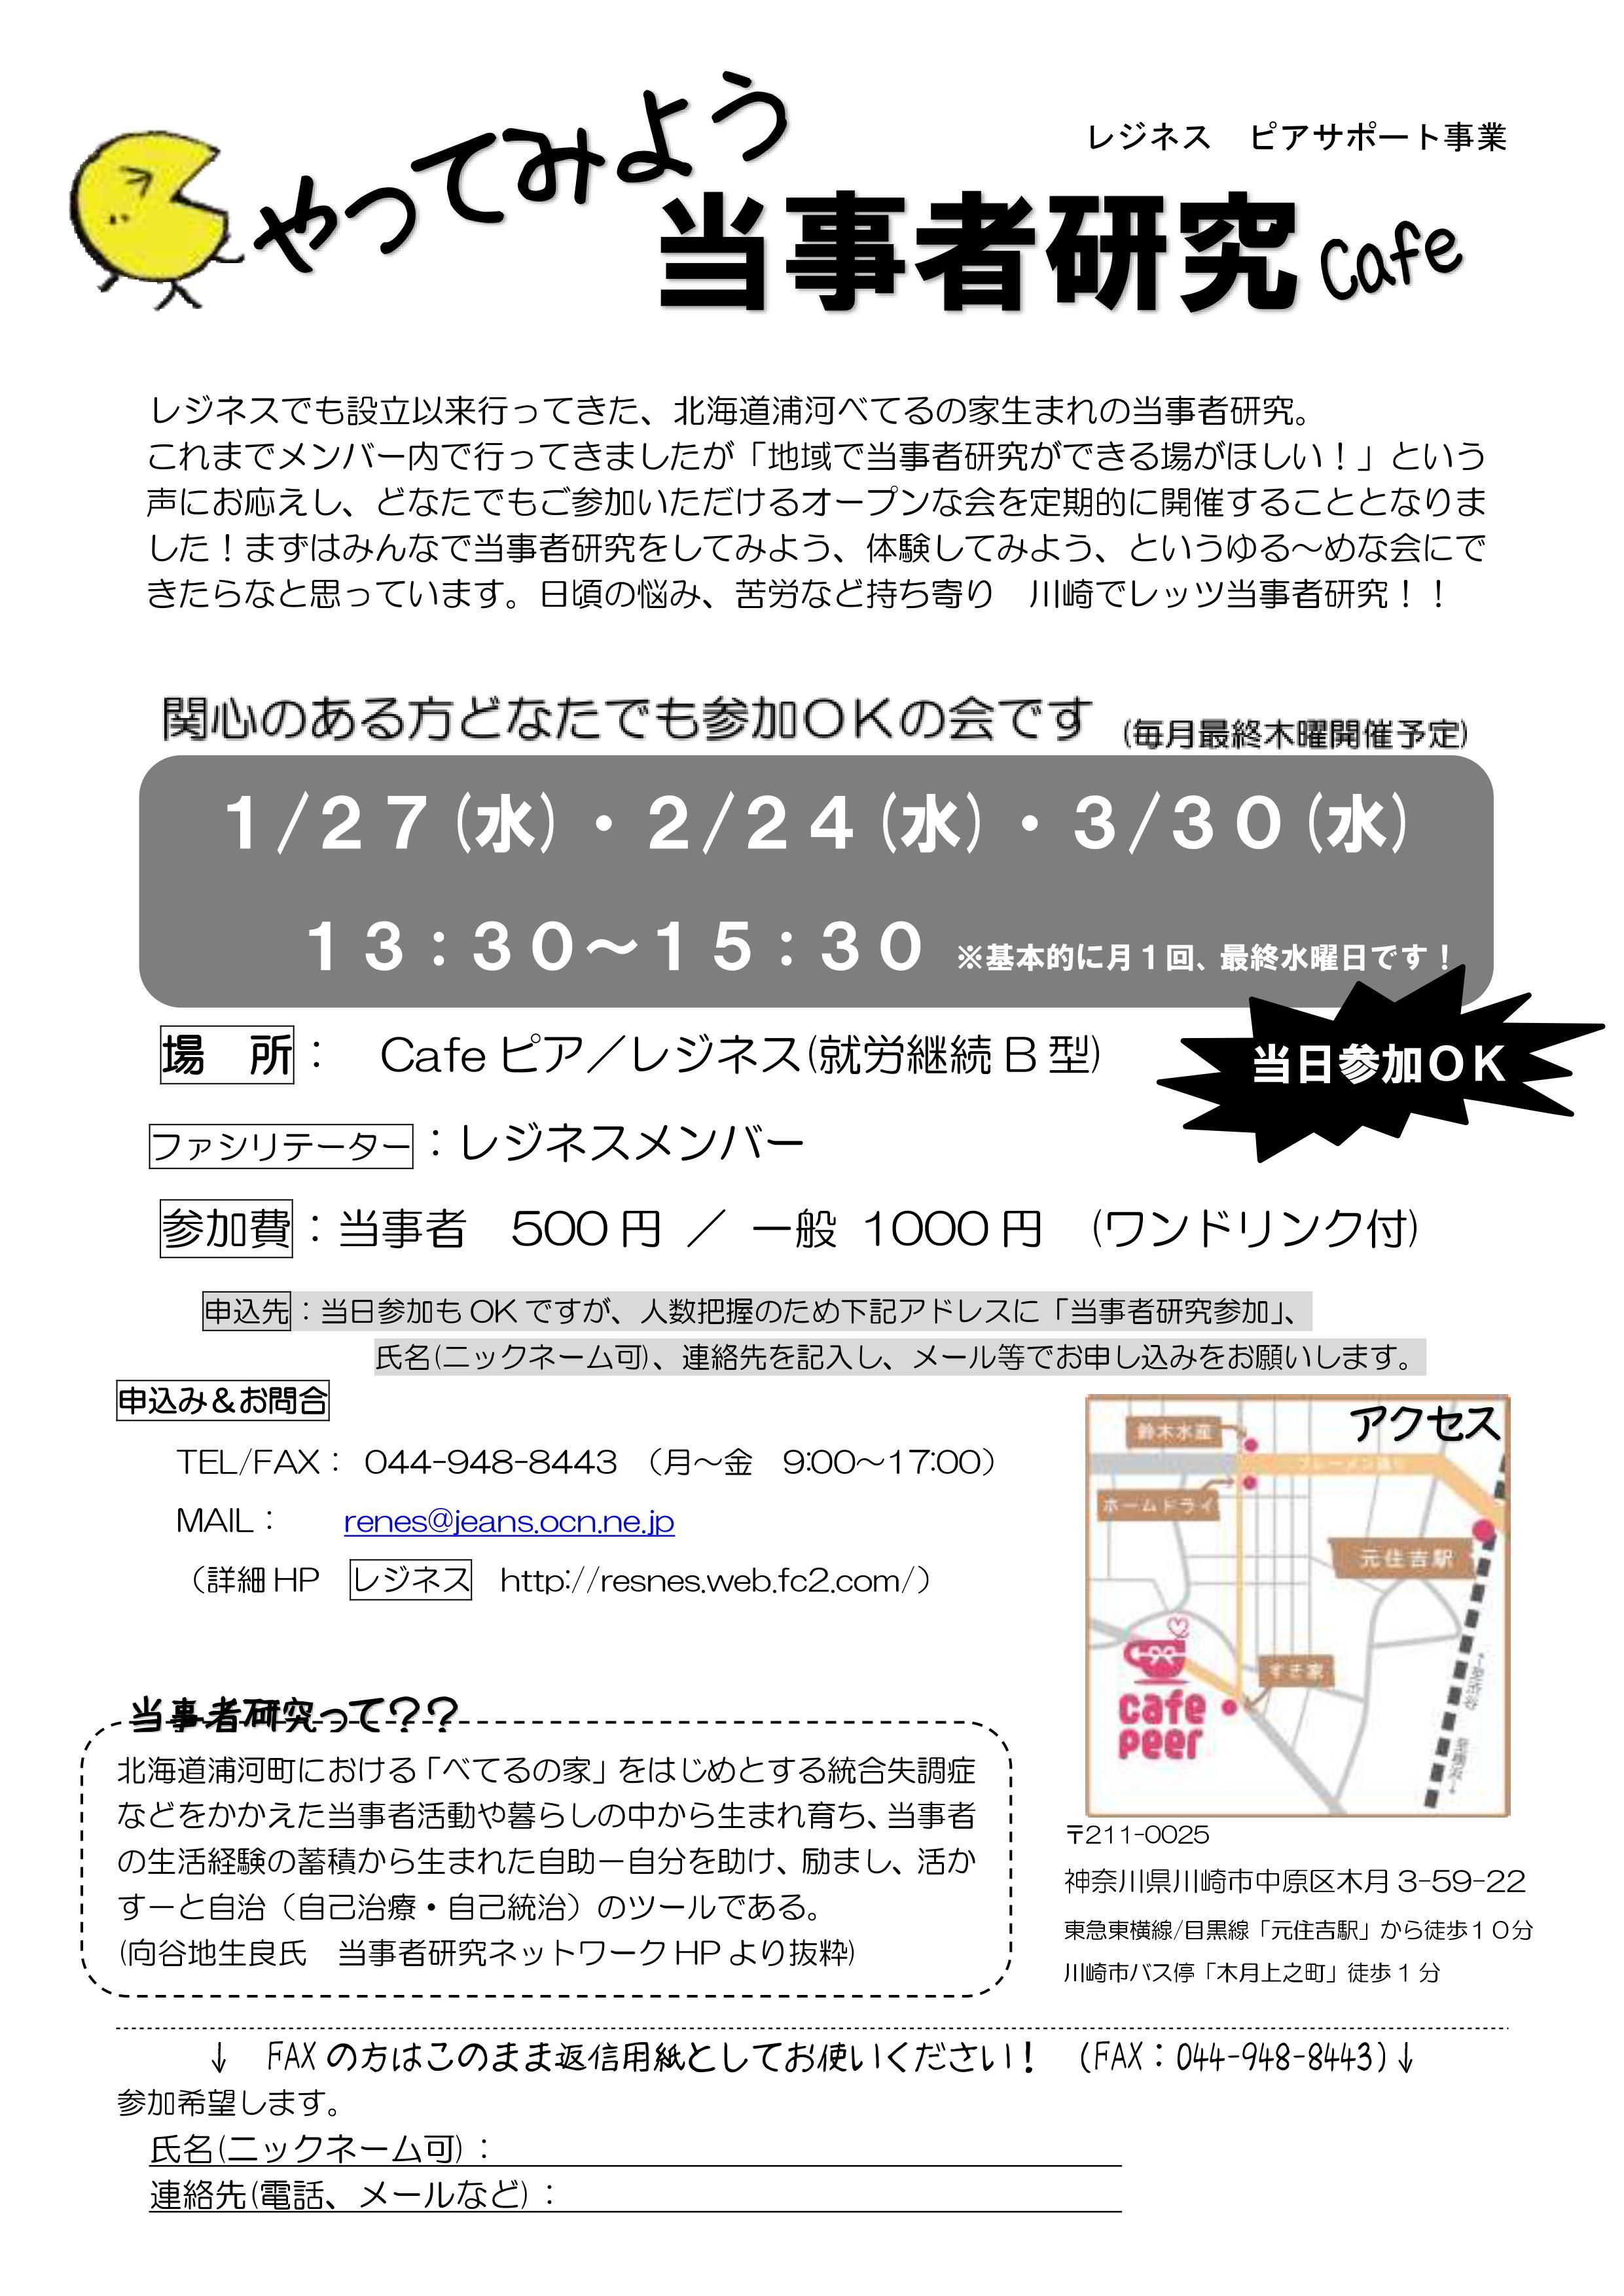 toukengaibu123.jpg